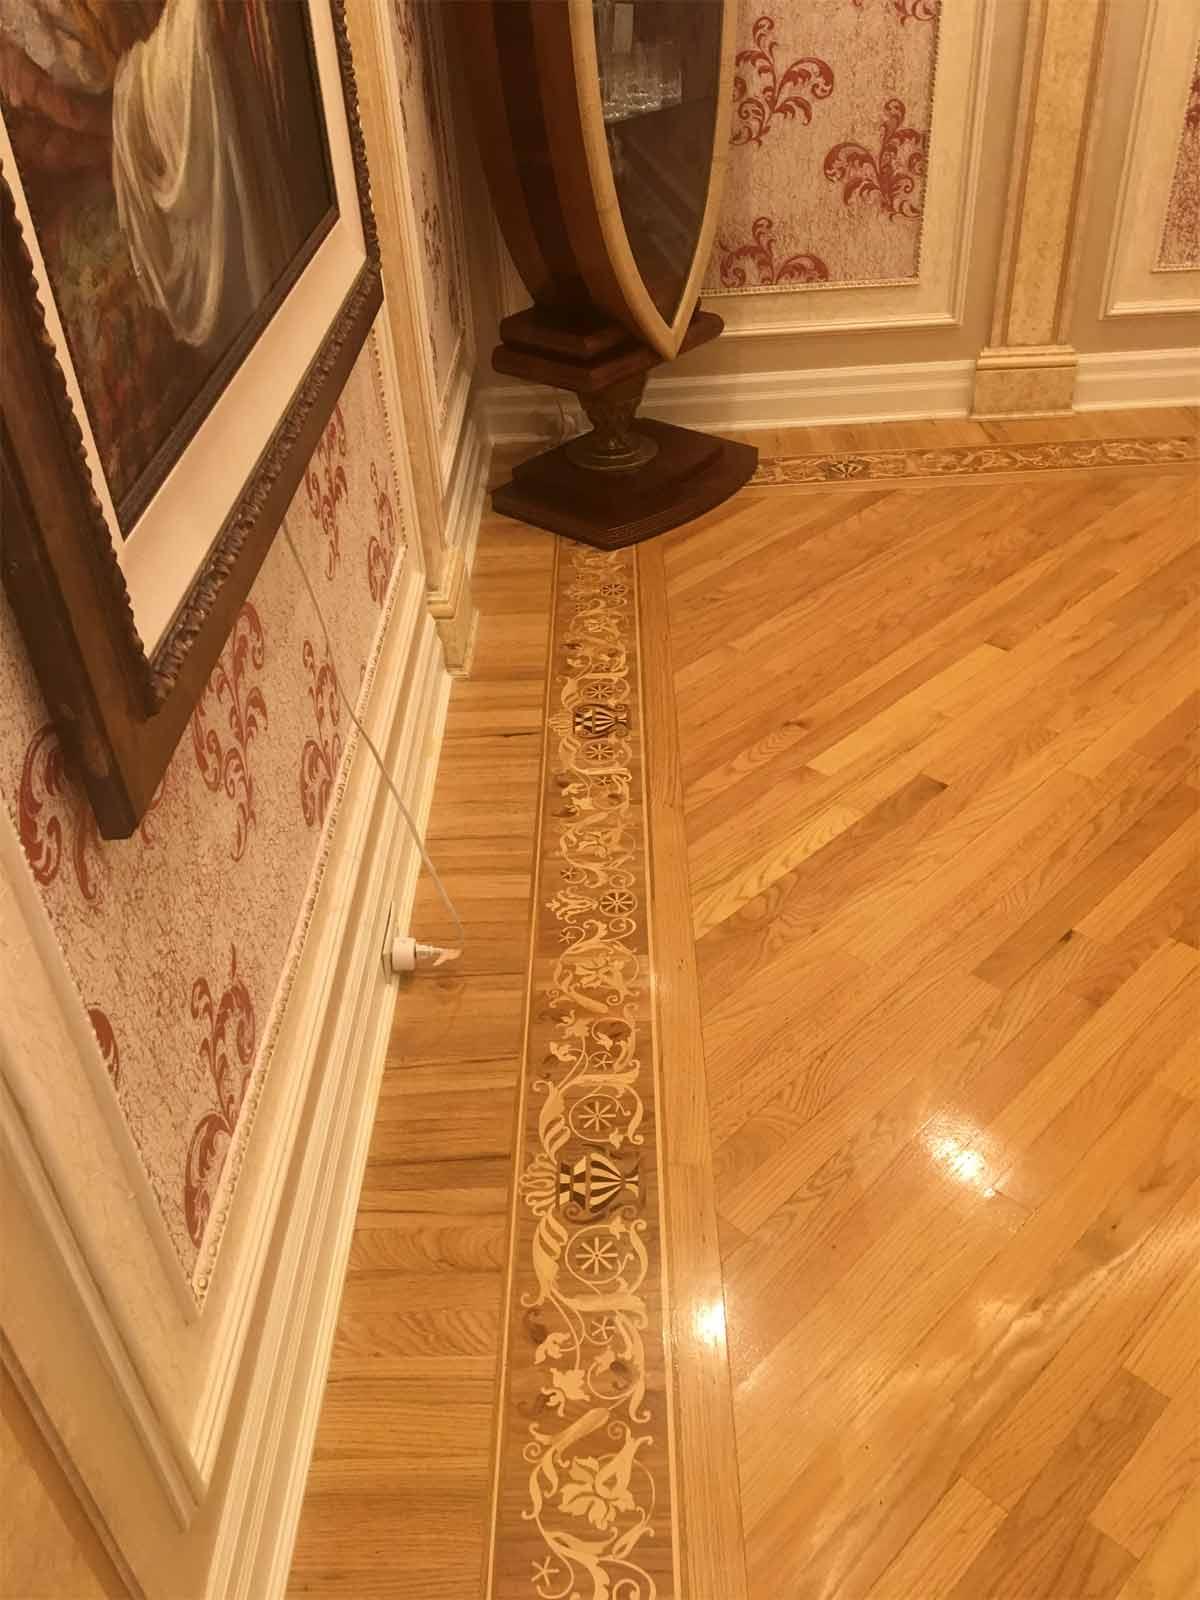 570: Custom wood flooring border to match antique furniture design.